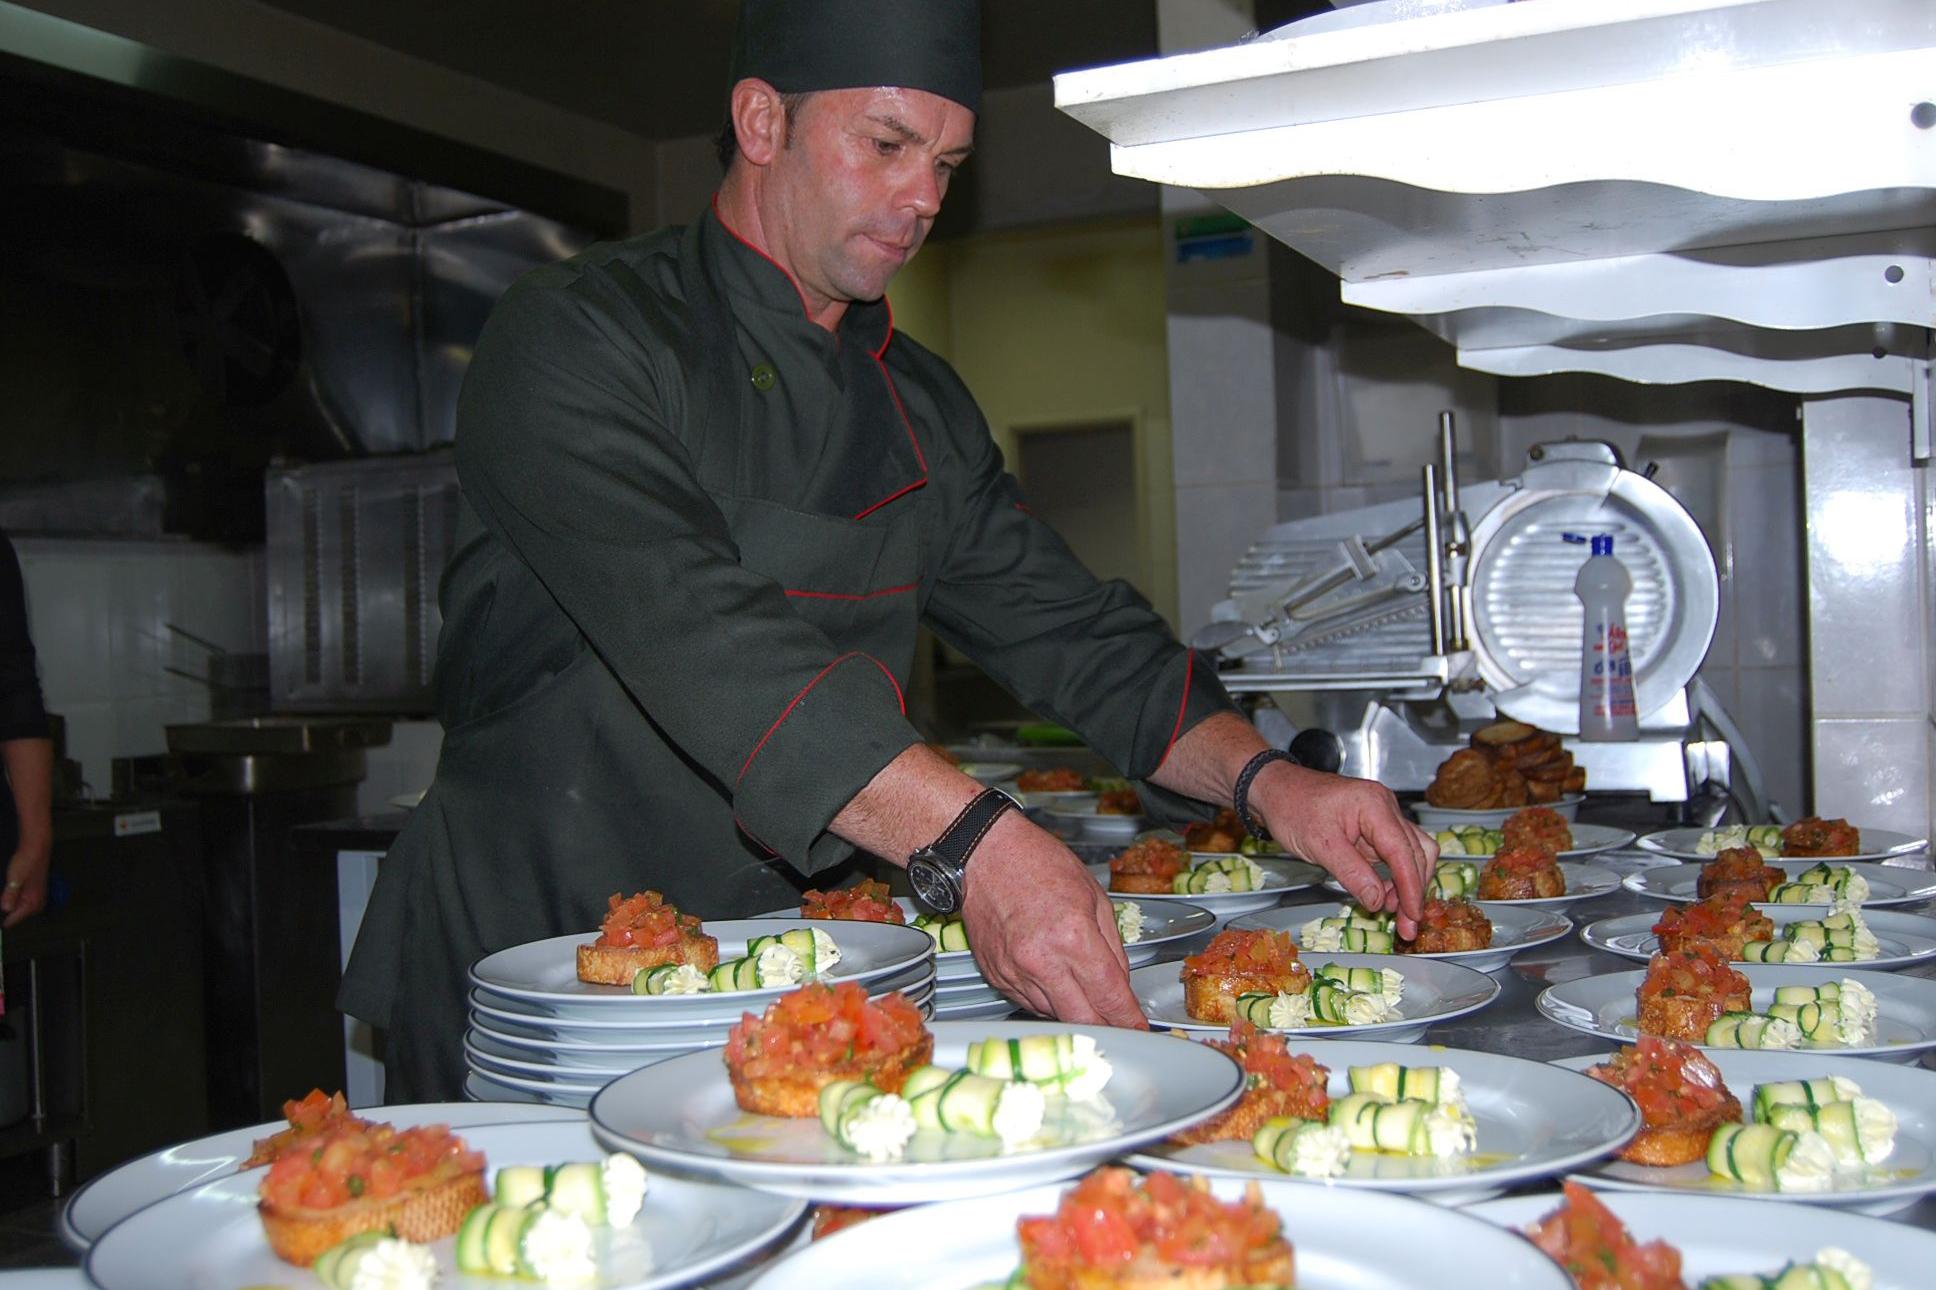 Jantar à italiana faz sucesso entre convidados